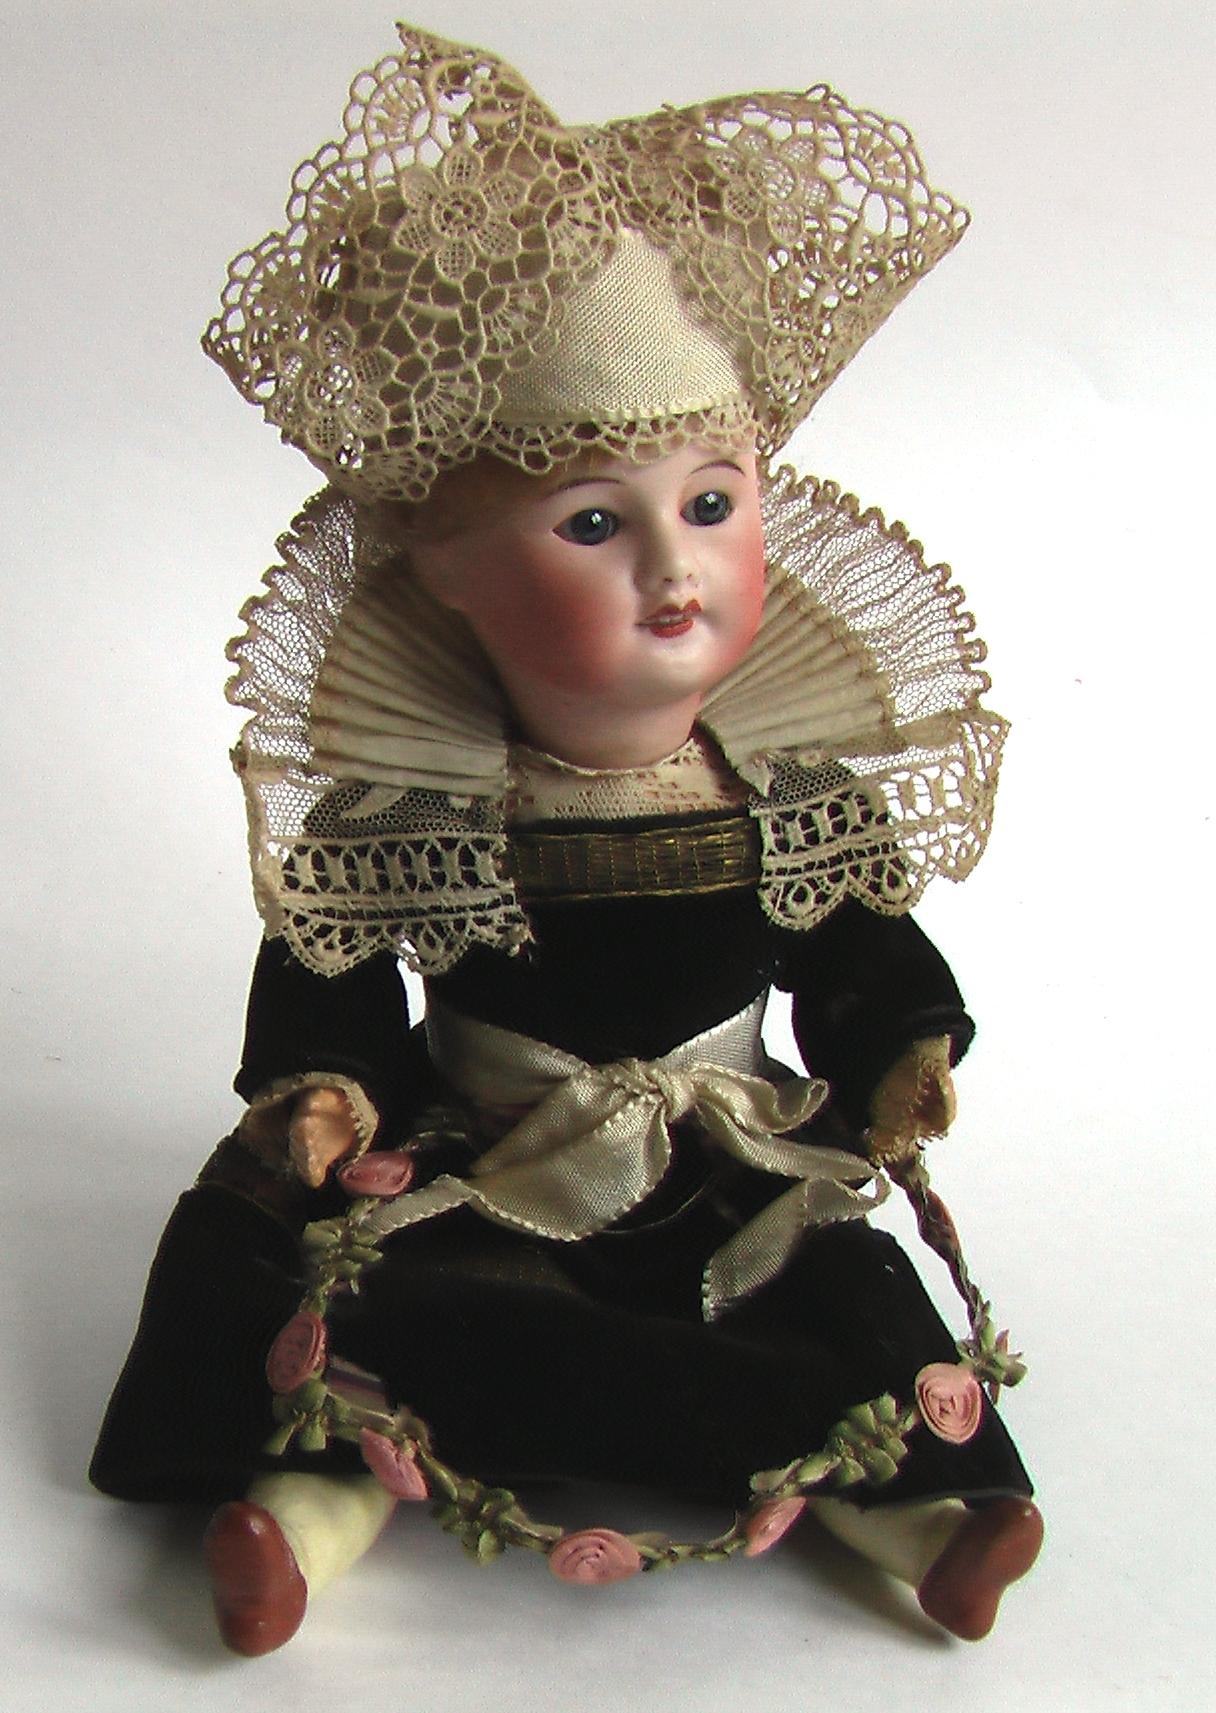 SFBJ антикварная старинная кукла в национальном костюме, Франция, цена 29 000 руб, жмите на фото чтобы прочитать полное описание